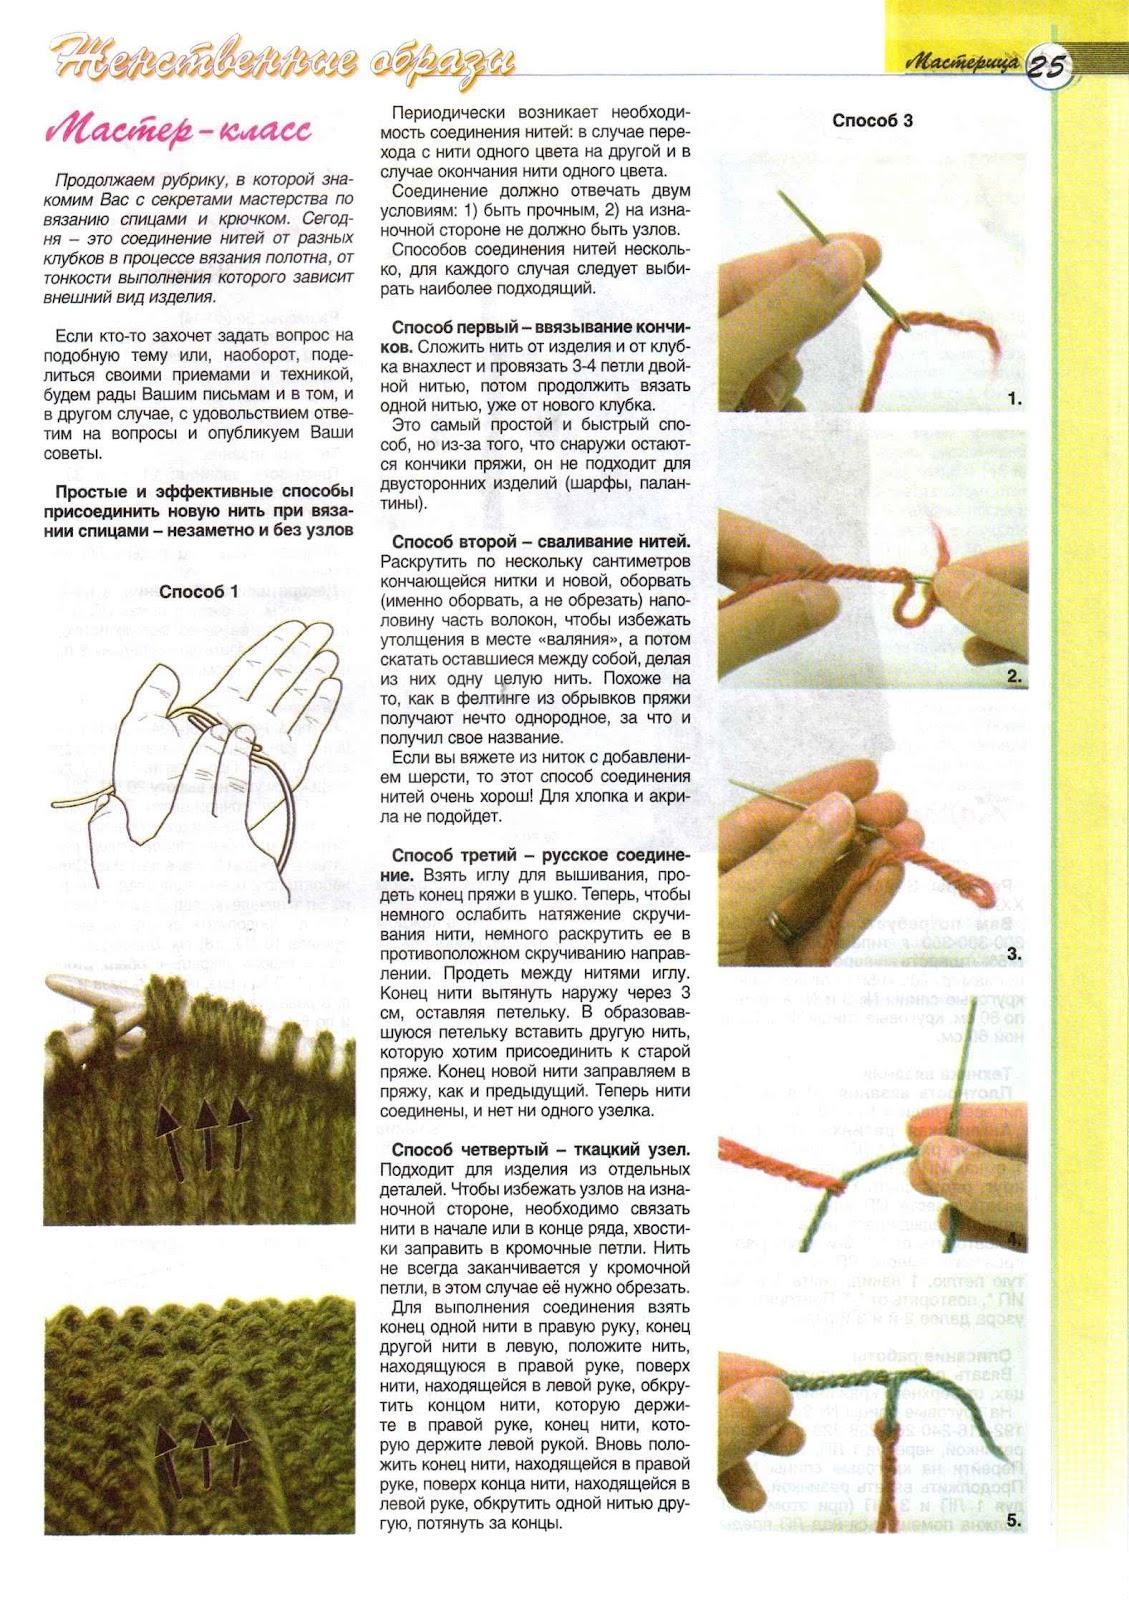 Как перейти с одной нитки на другую при вязании крючком